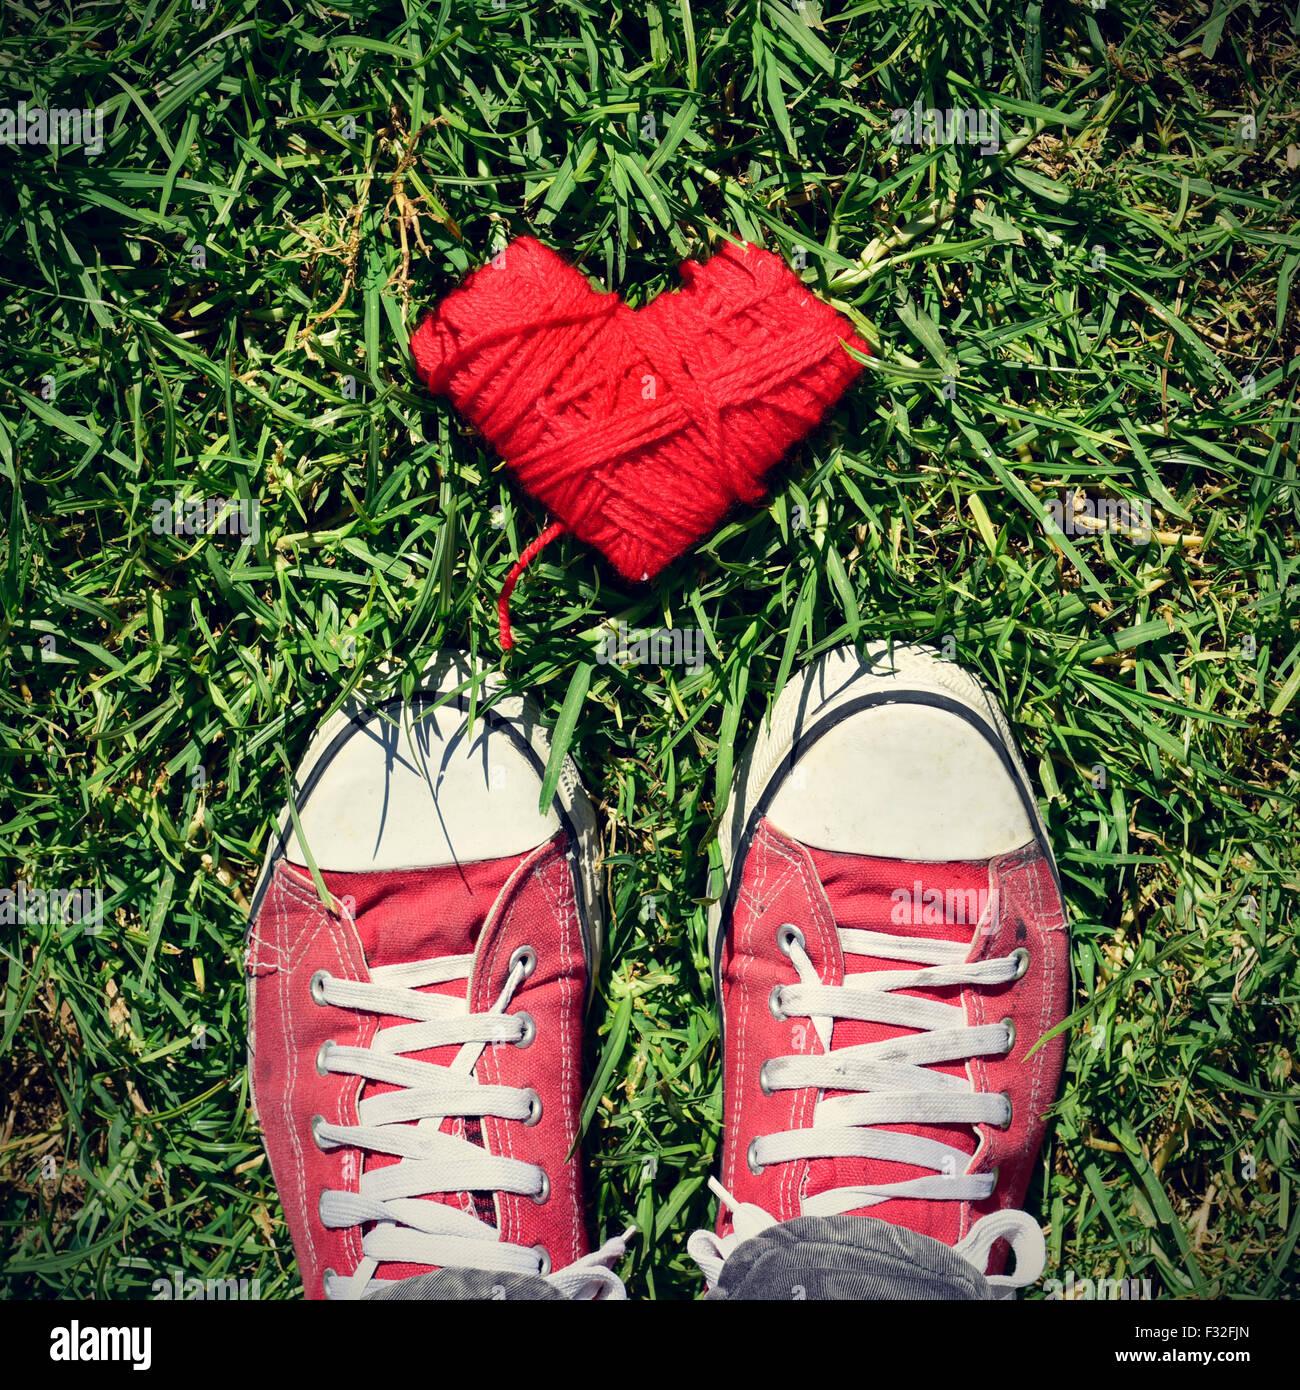 Una bobina con forma de corazón de color rojo metálico y los pies de un hombre vestido con zapatillas Imagen De Stock